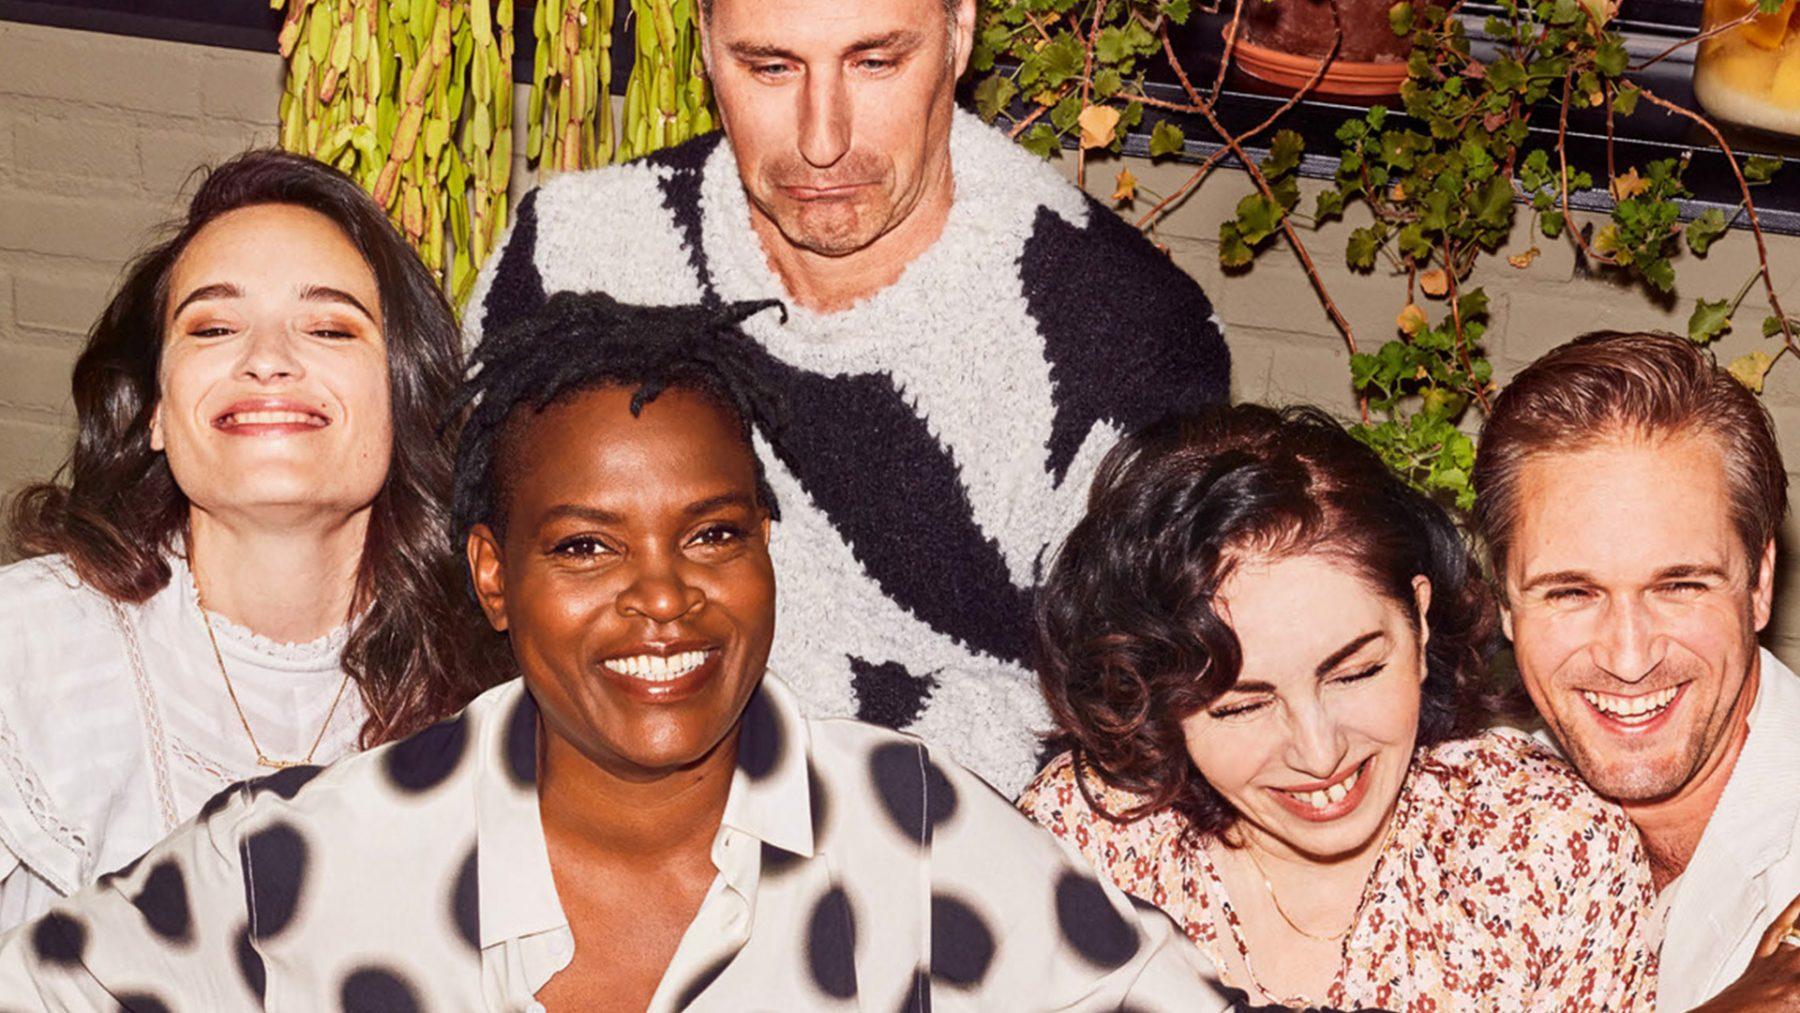 Vijf acteurs over #MeToo en de filmwereld: 'Er is nu meer respect'